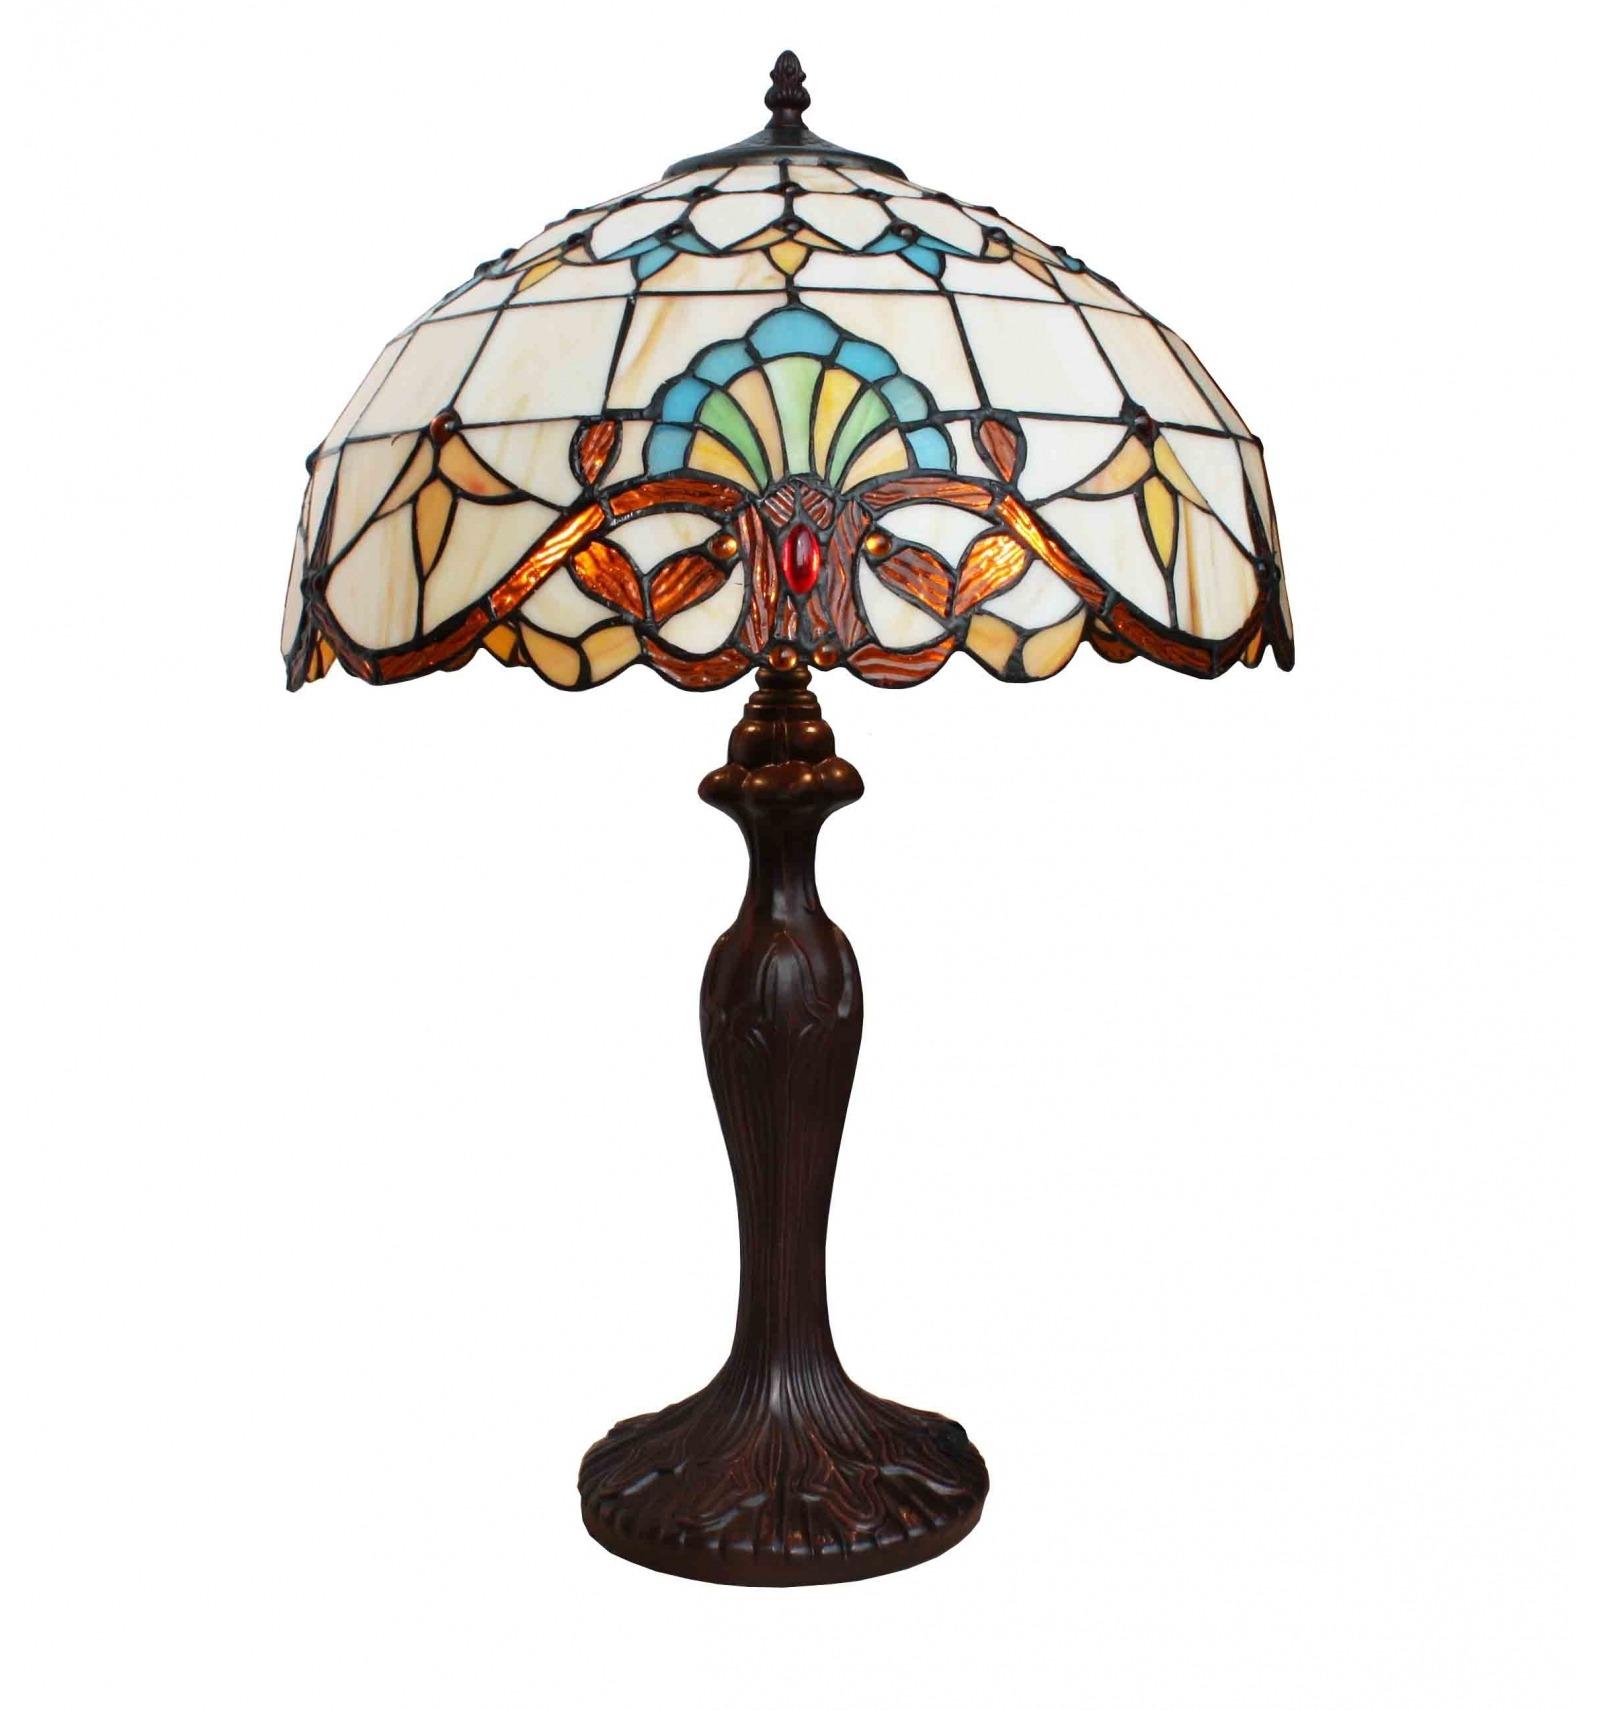 Art Lampe Paris Tiffany Série Nouveau jL35RAqc4